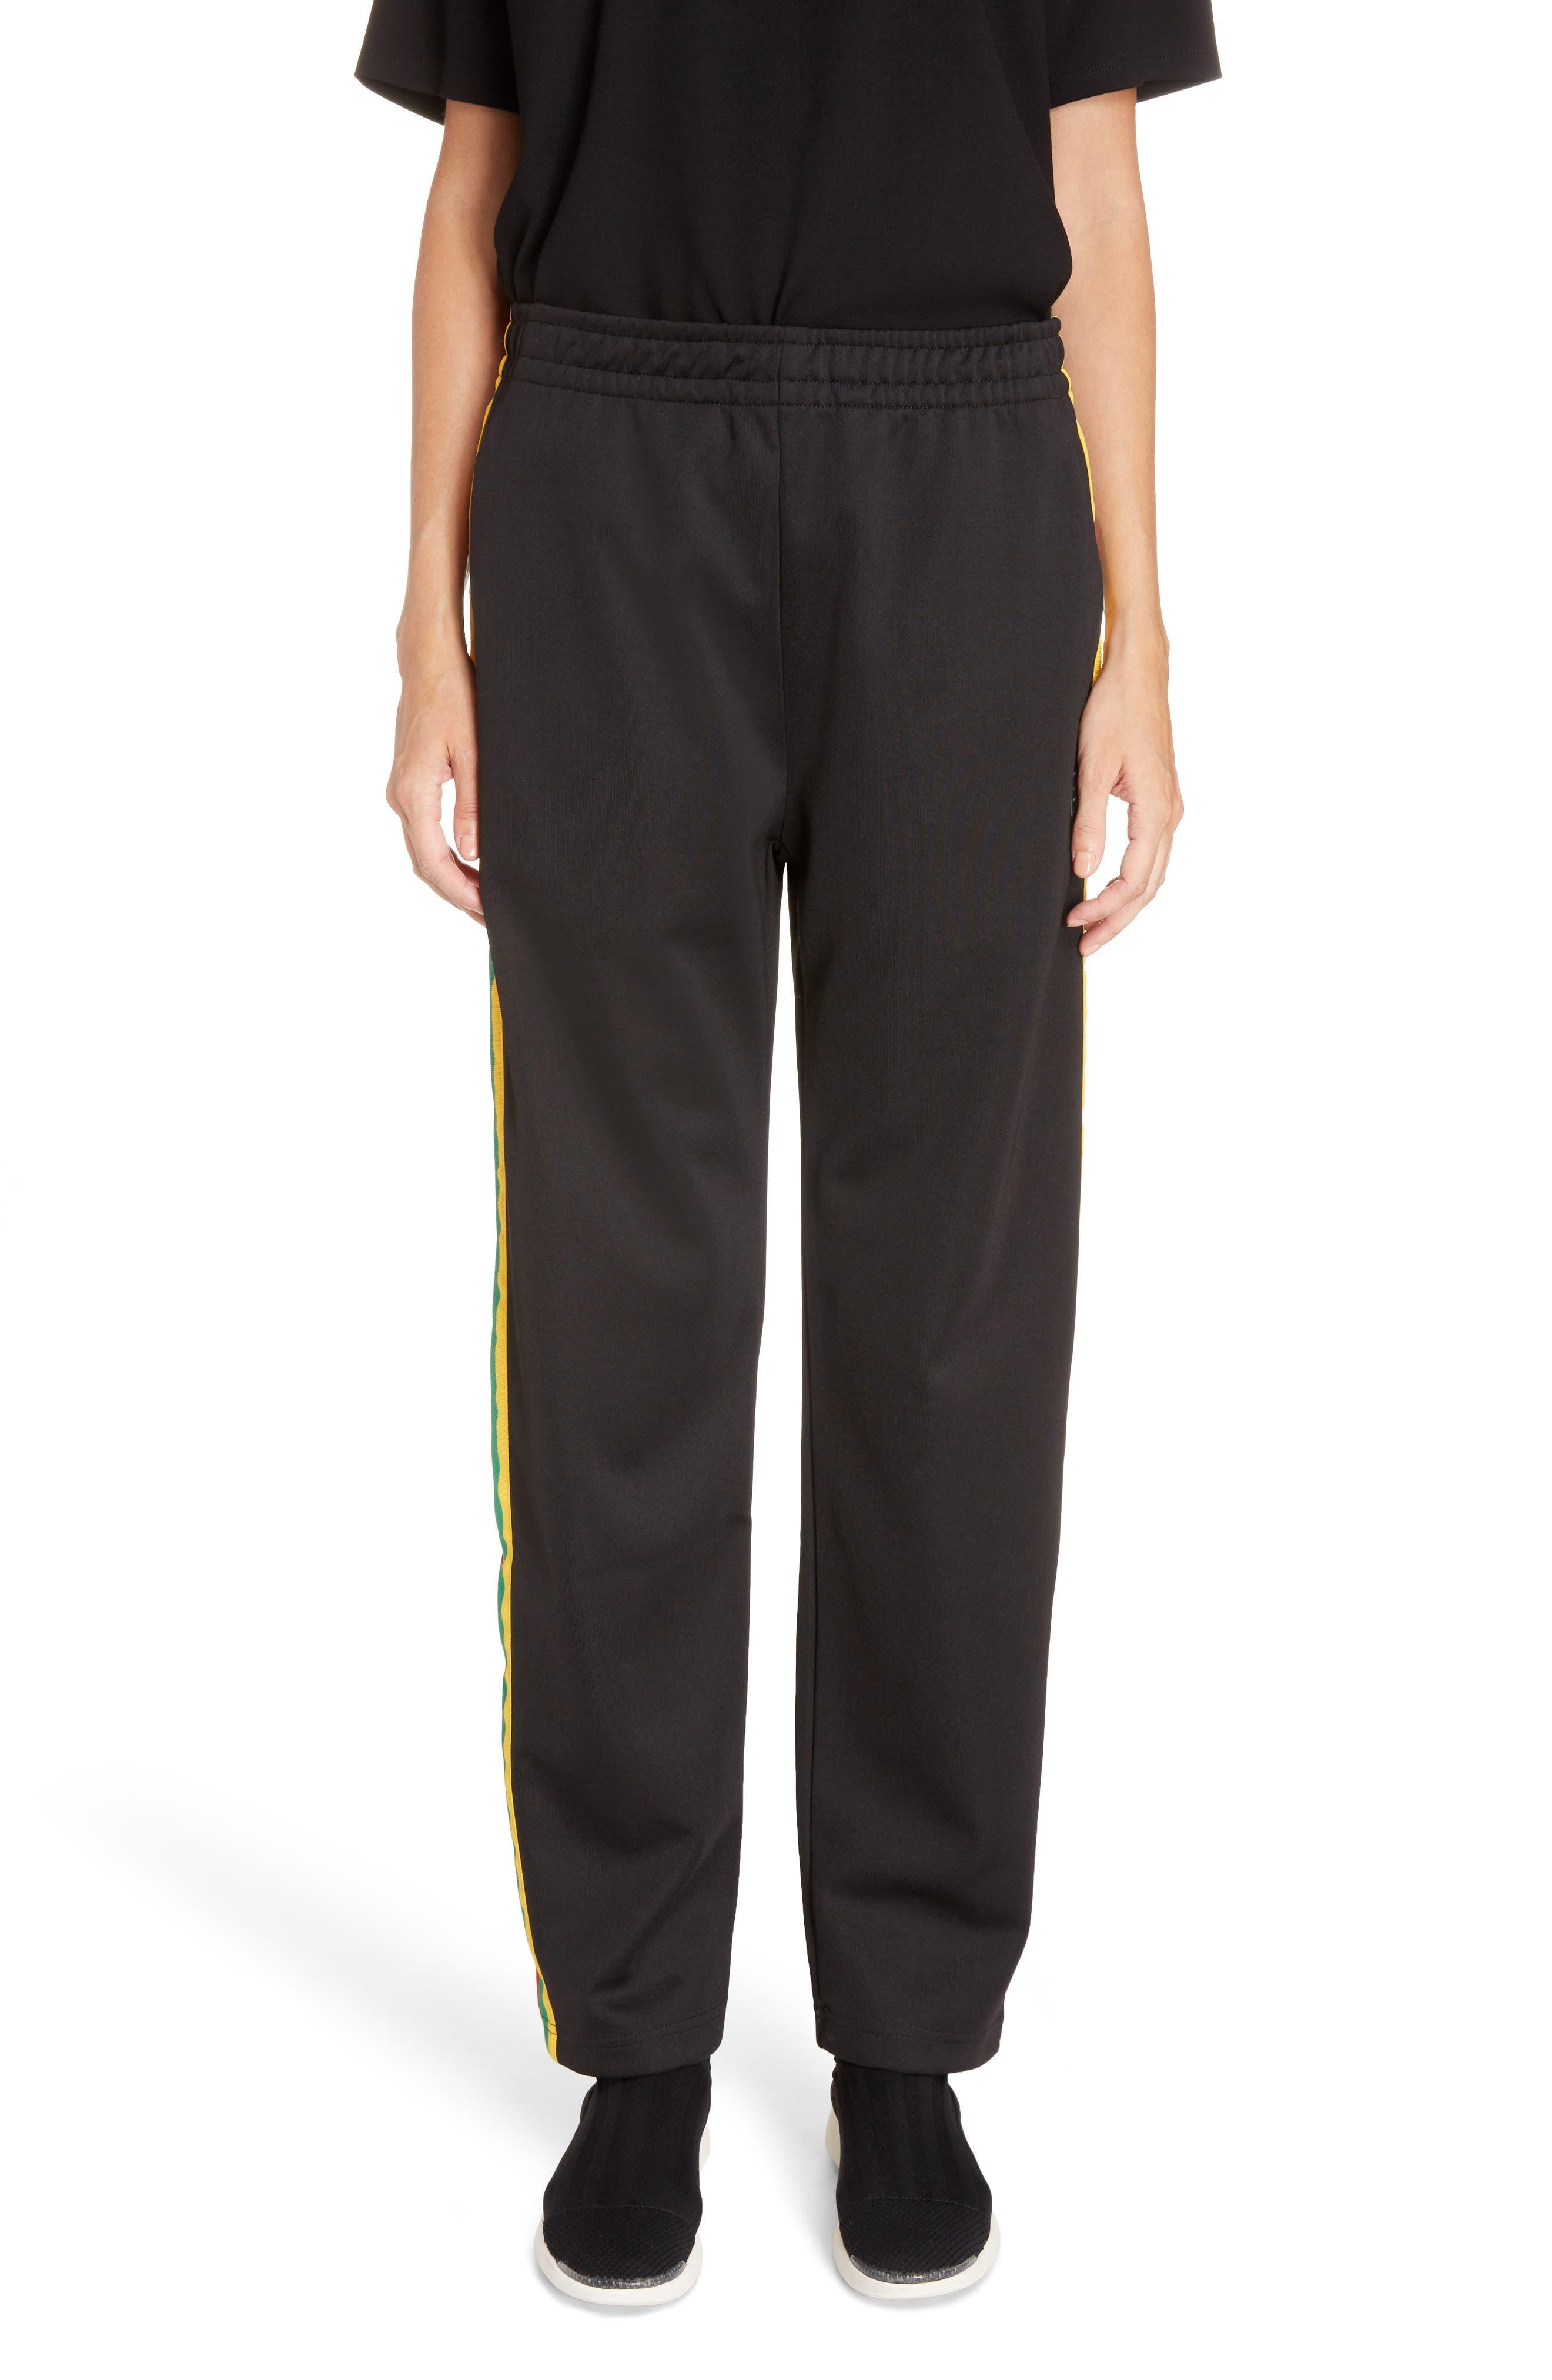 Norwich Lounge Pants,                         Main,                         color, BLACK